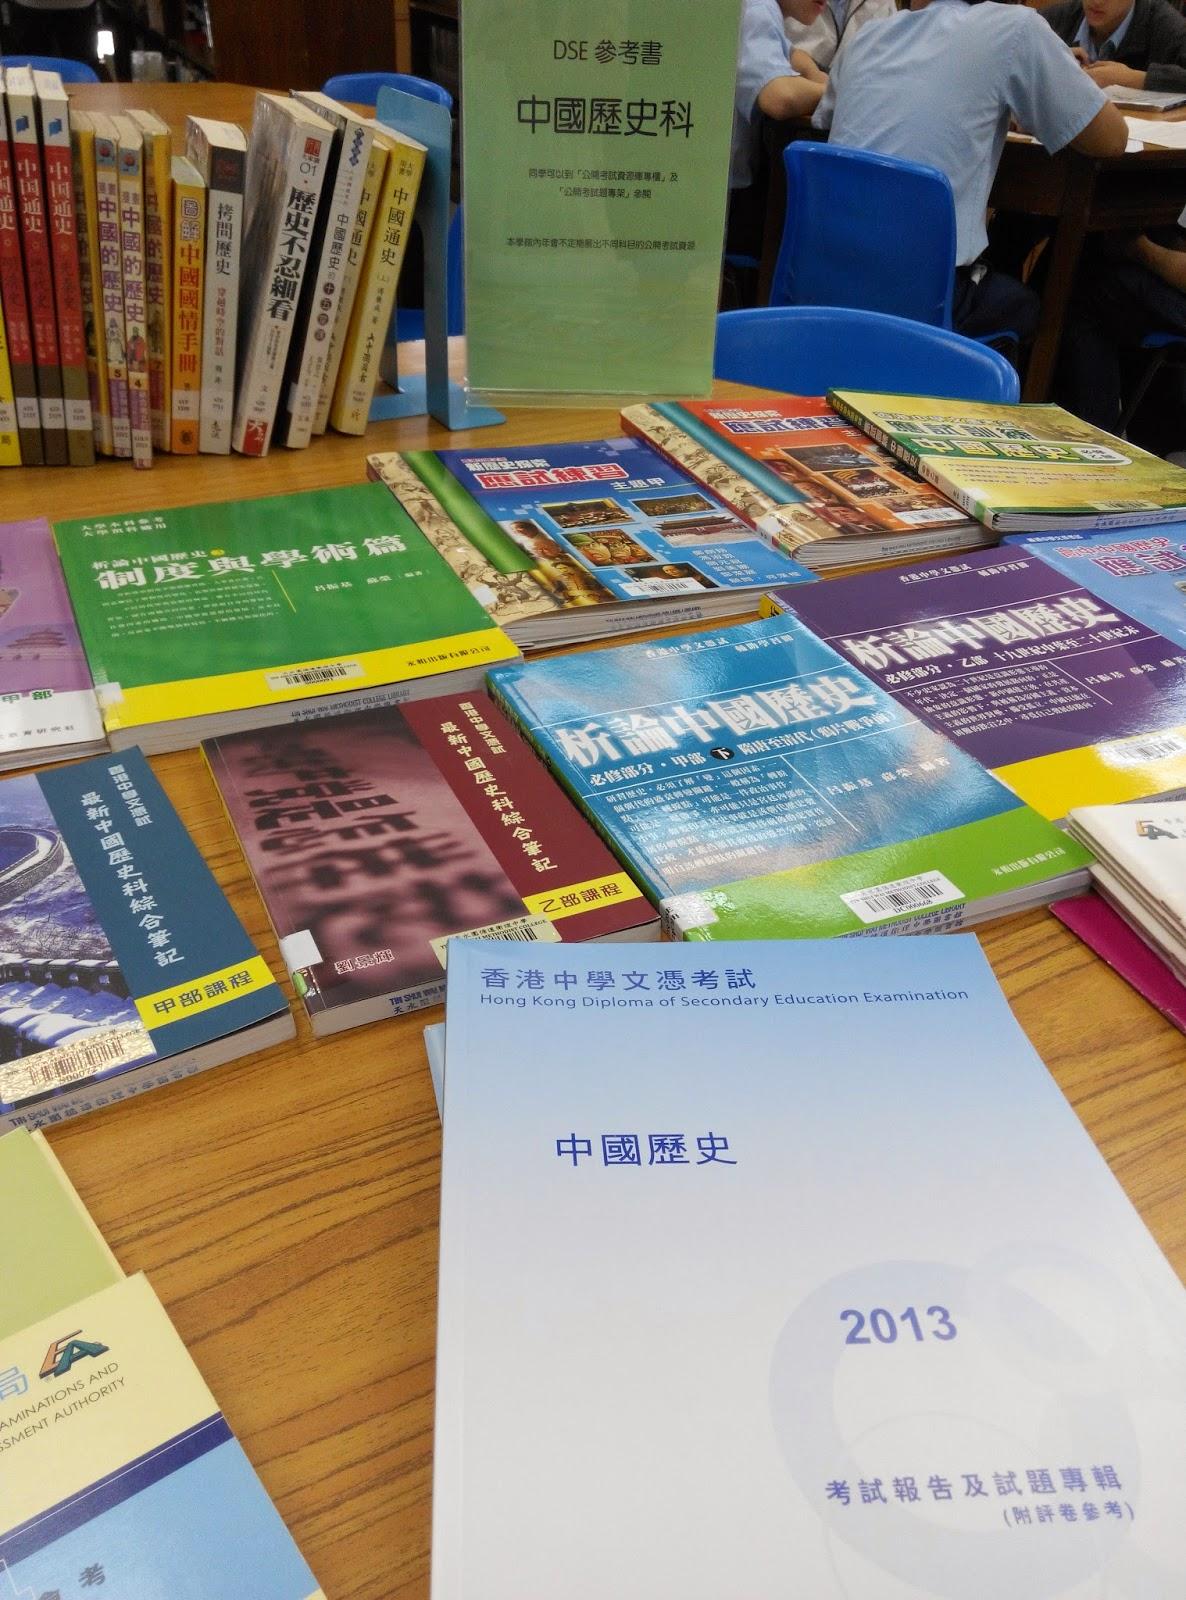 天水圍循道衞理中學圖書館歡迎你:): DSE參考書 中史科